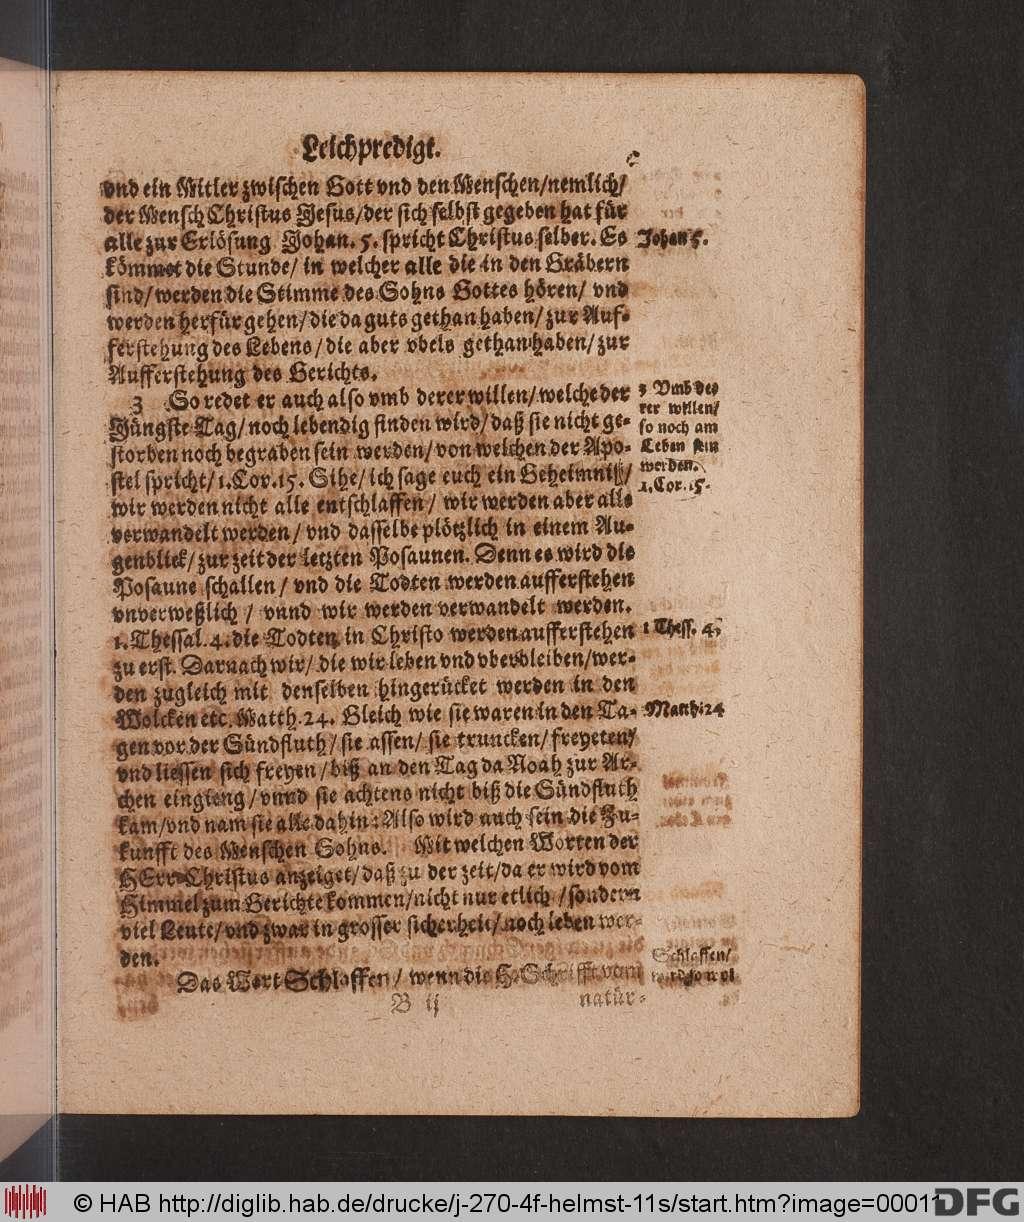 http://diglib.hab.de/drucke/j-270-4f-helmst-11s/00011.jpg